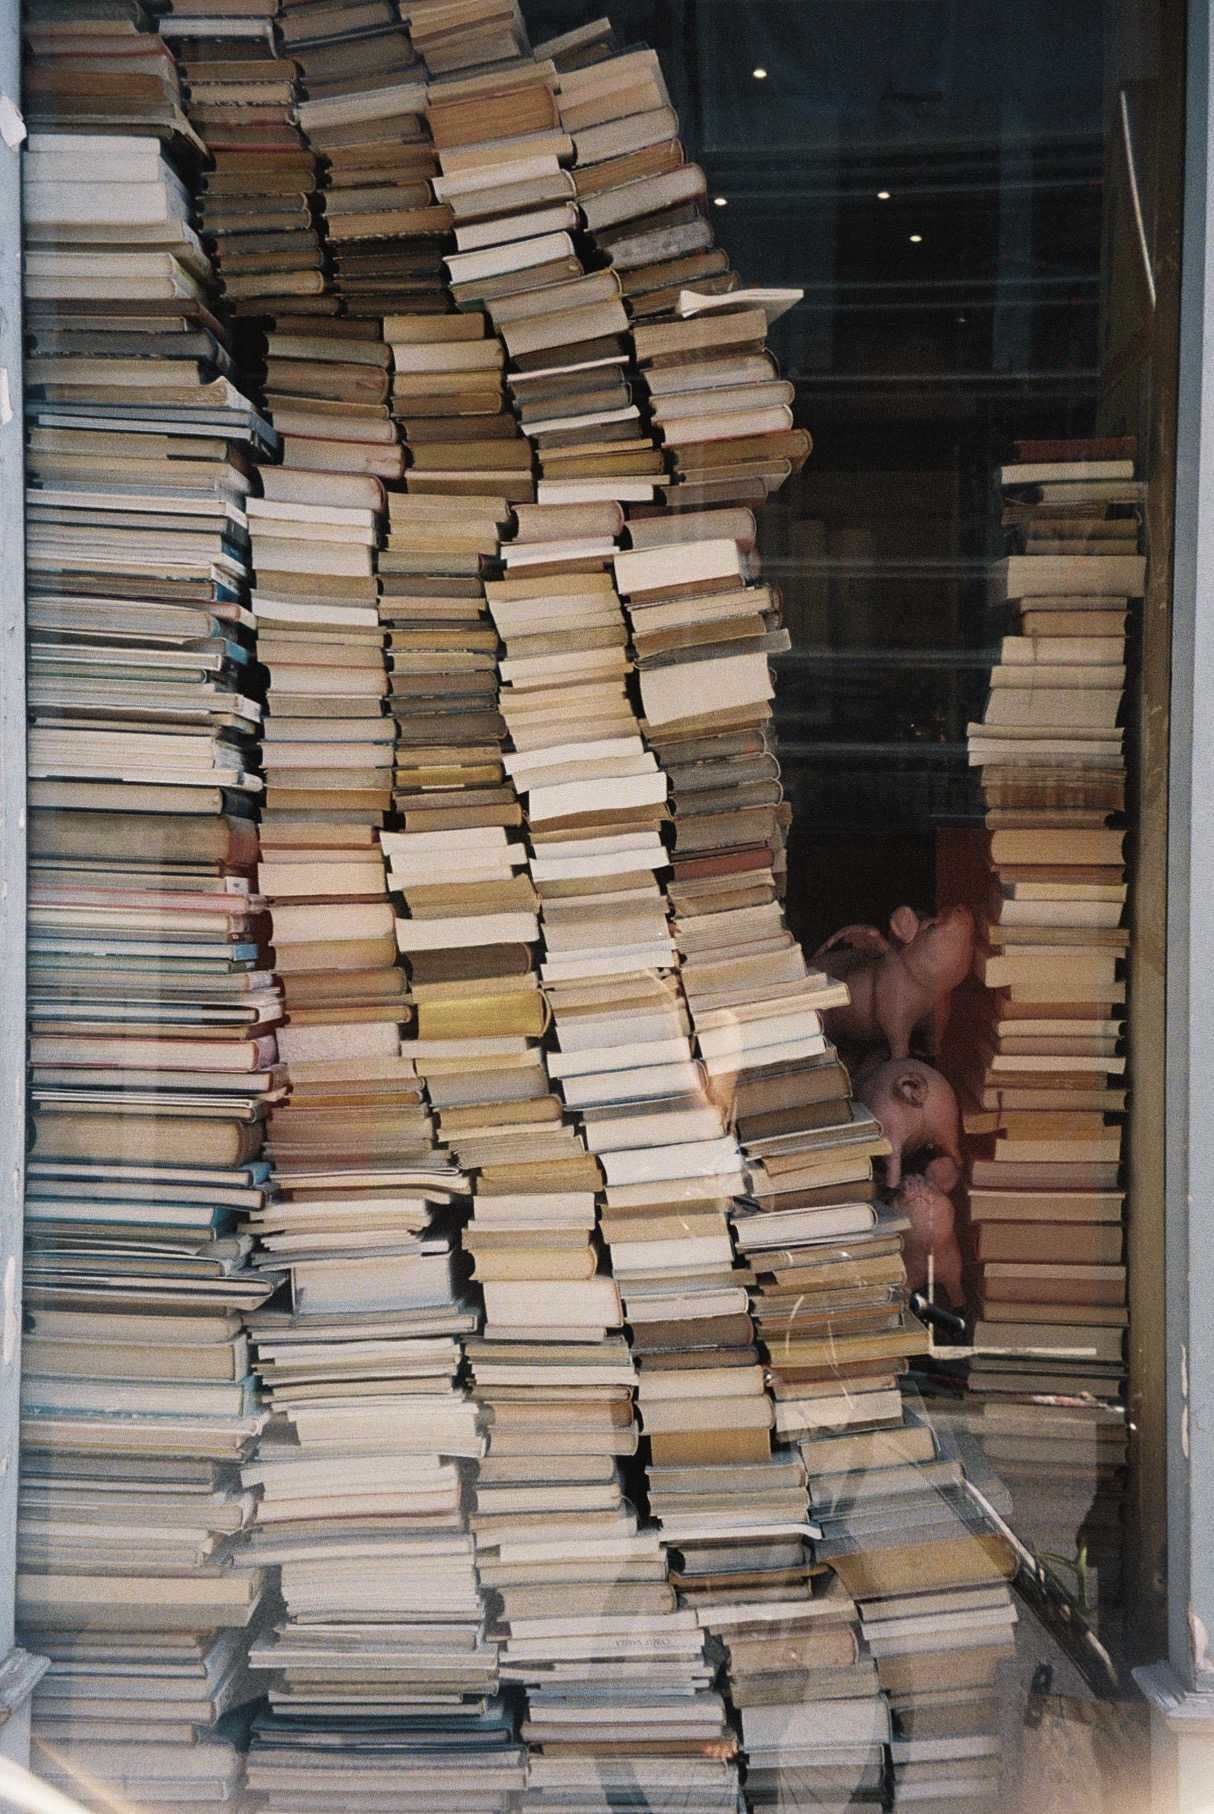 Uma livraria em Paris.  / A bookshop in Paris.